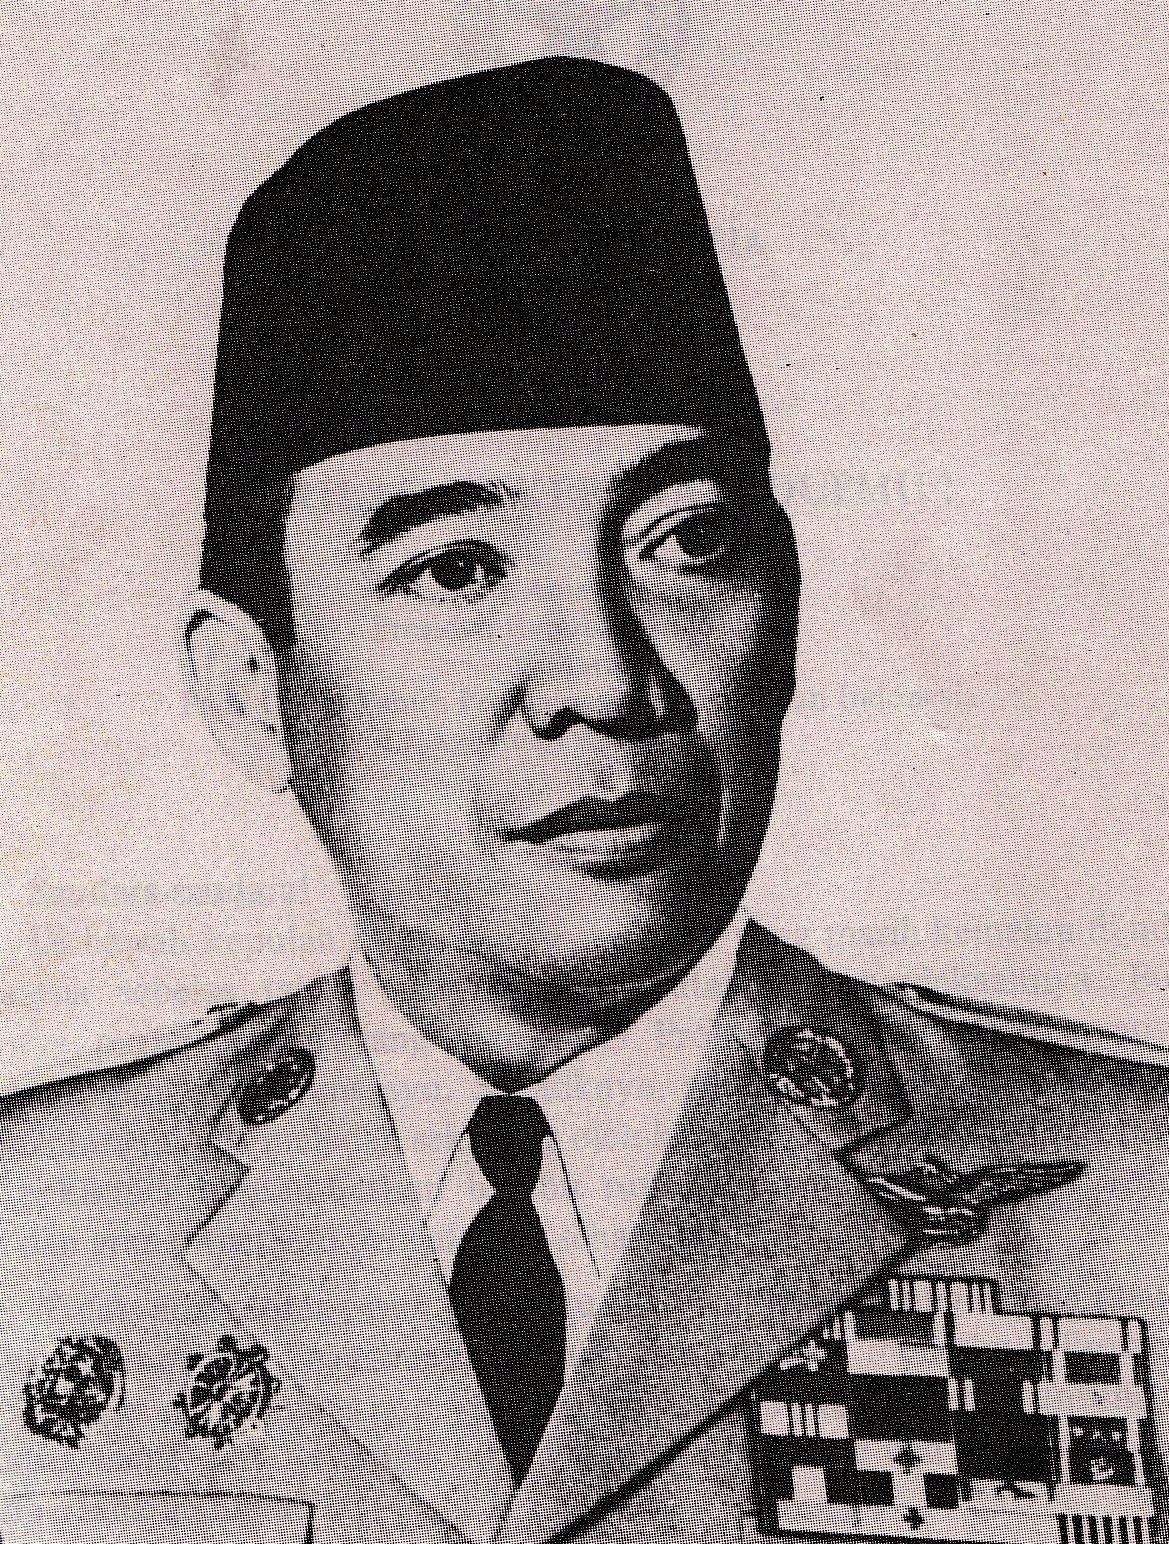 Gambar Foto Pahlawan Nasional Indonesia: Gambar Mantan